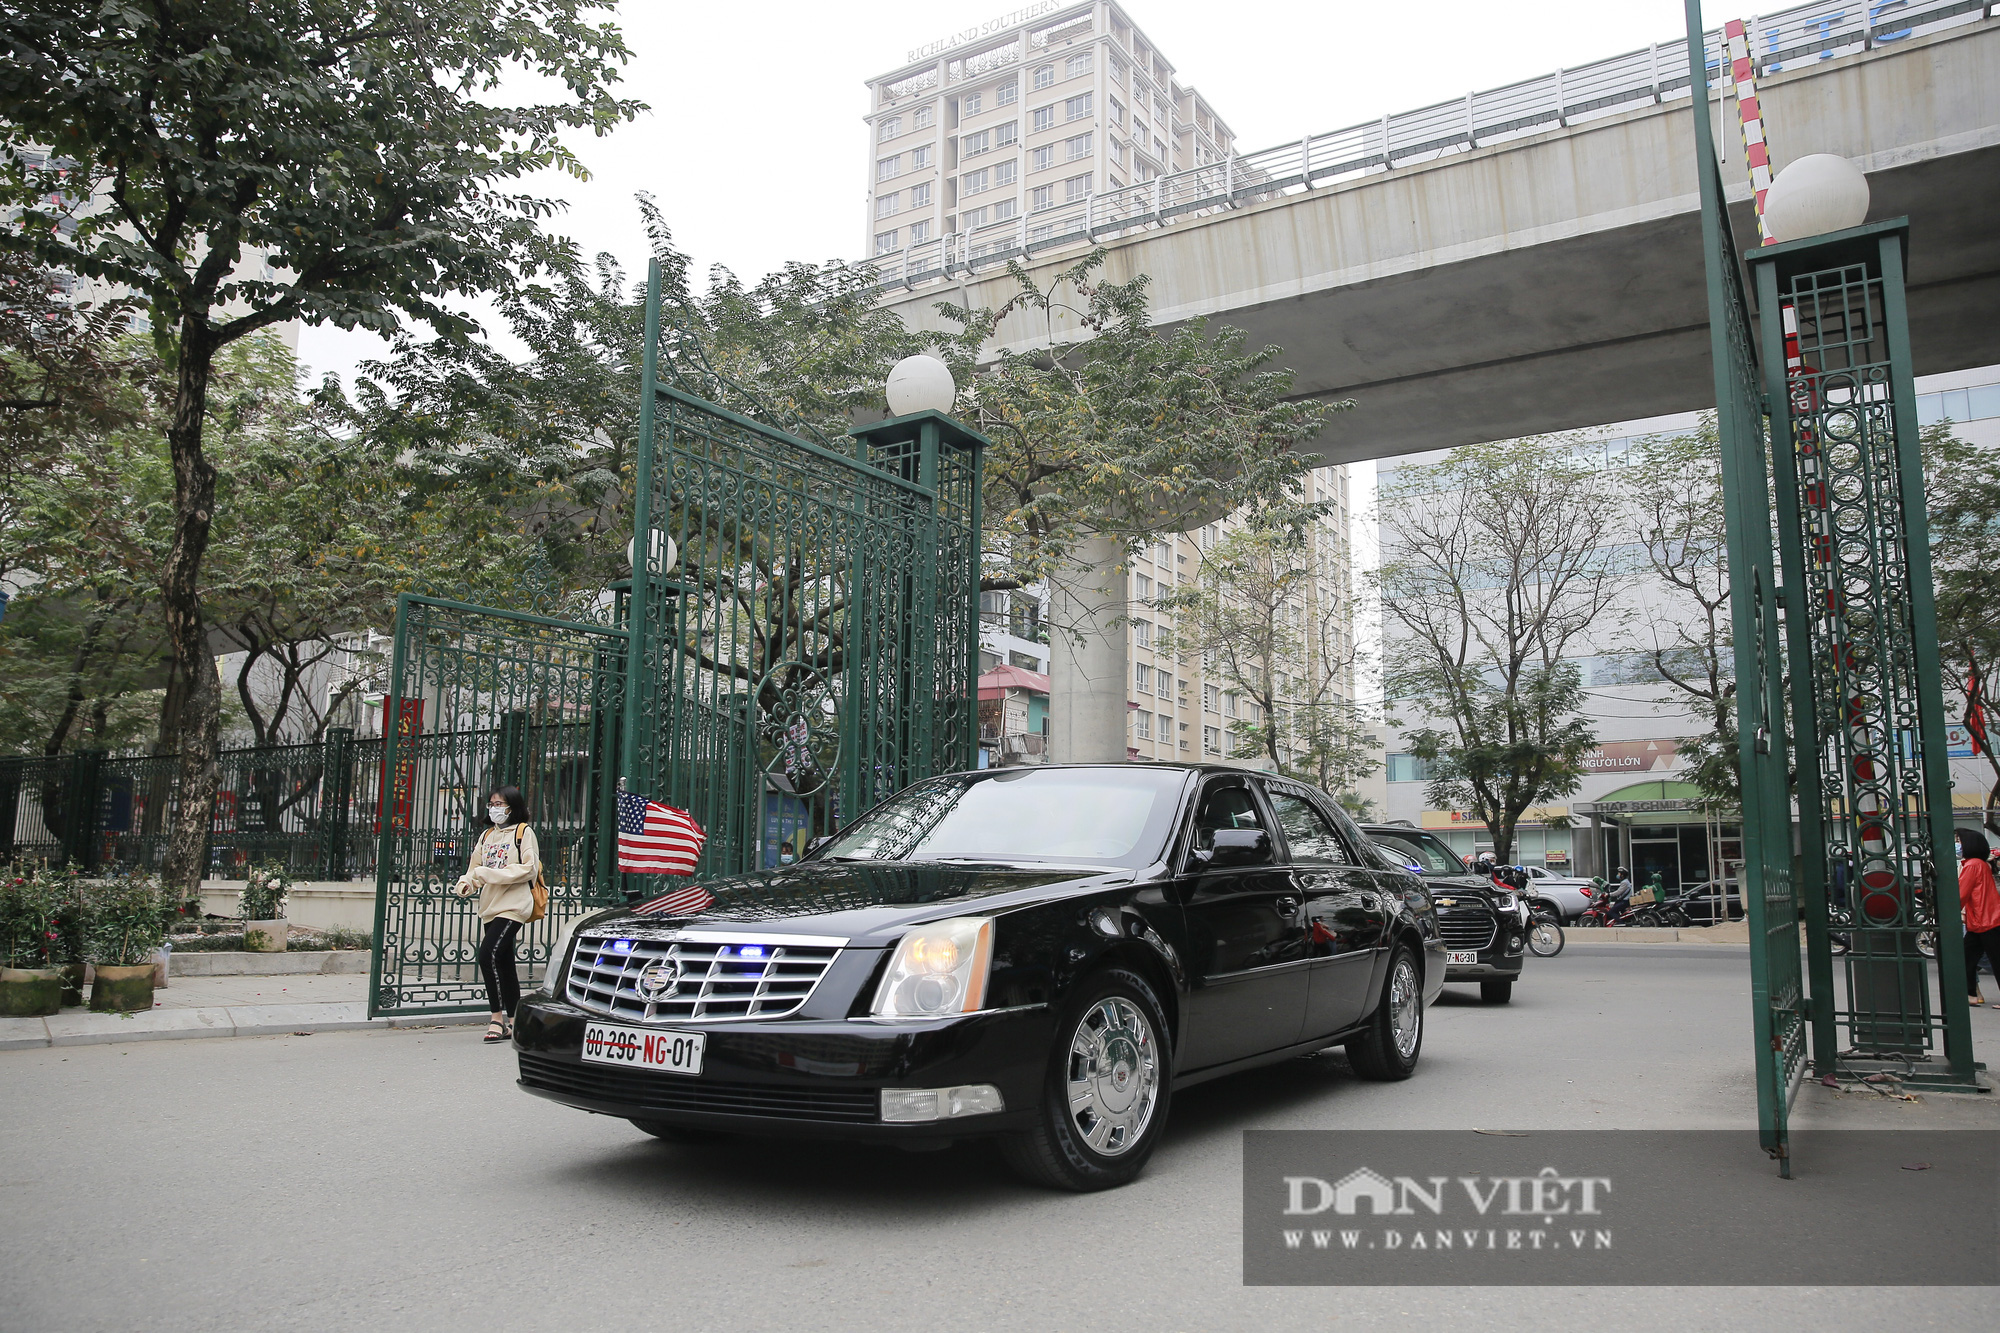 """Đại sứ Hoa Kỳ trao tặng cây đào đặc biệt tại nơi đào tạo ra những """"người lái đò"""" - Ảnh 1."""